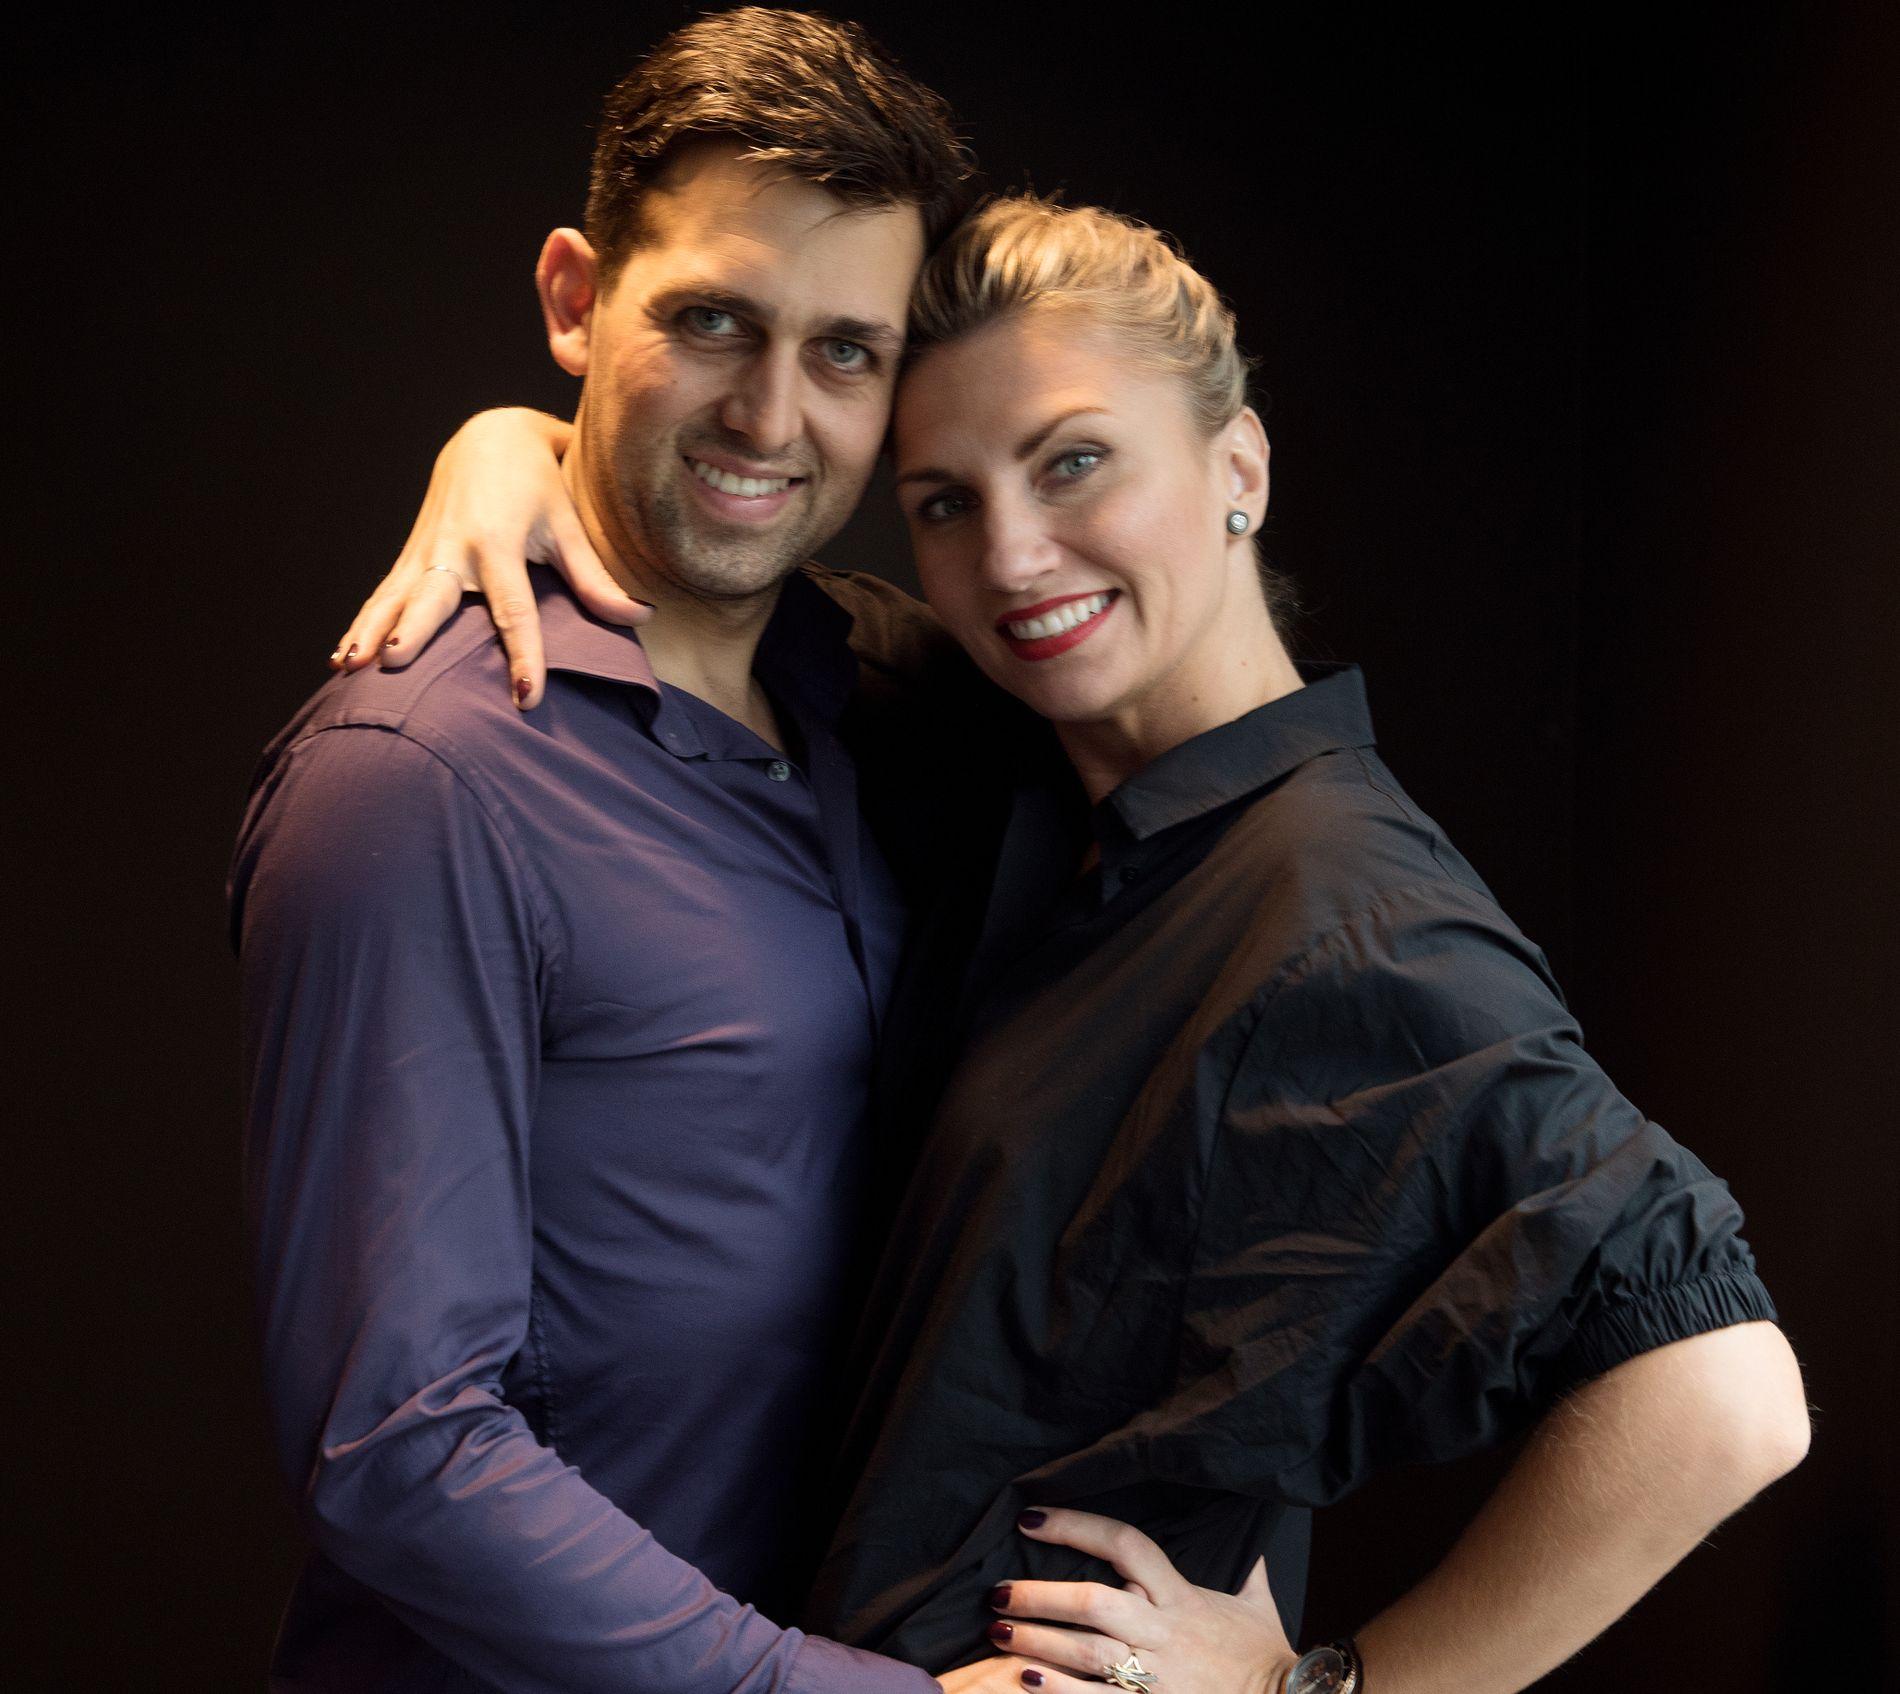 TRAVLE KJÆRESTER: Glenn Jørgen Sandaker og Alexandra Kakurina innrømmer at kroppen «skriker etter hvile». Men de bevarer kjærligheten og får venner for livet. Derfor blir det «Skal vi danse» år etter år.